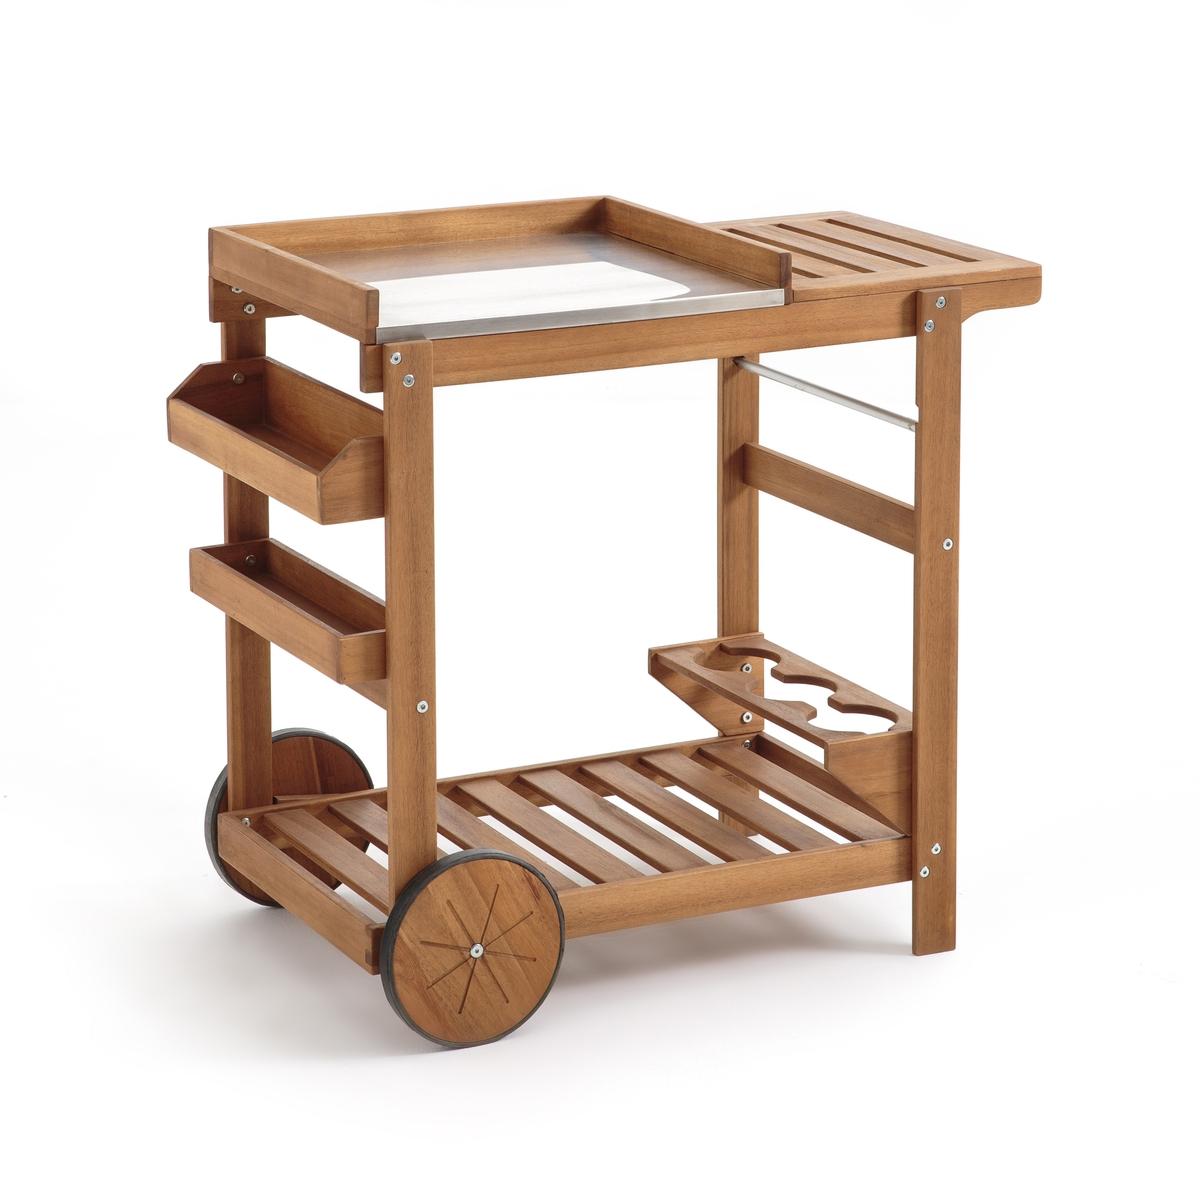 Столик LaRedoute Сервировочный на колесиках для сада Fayvara единый размер бежевый